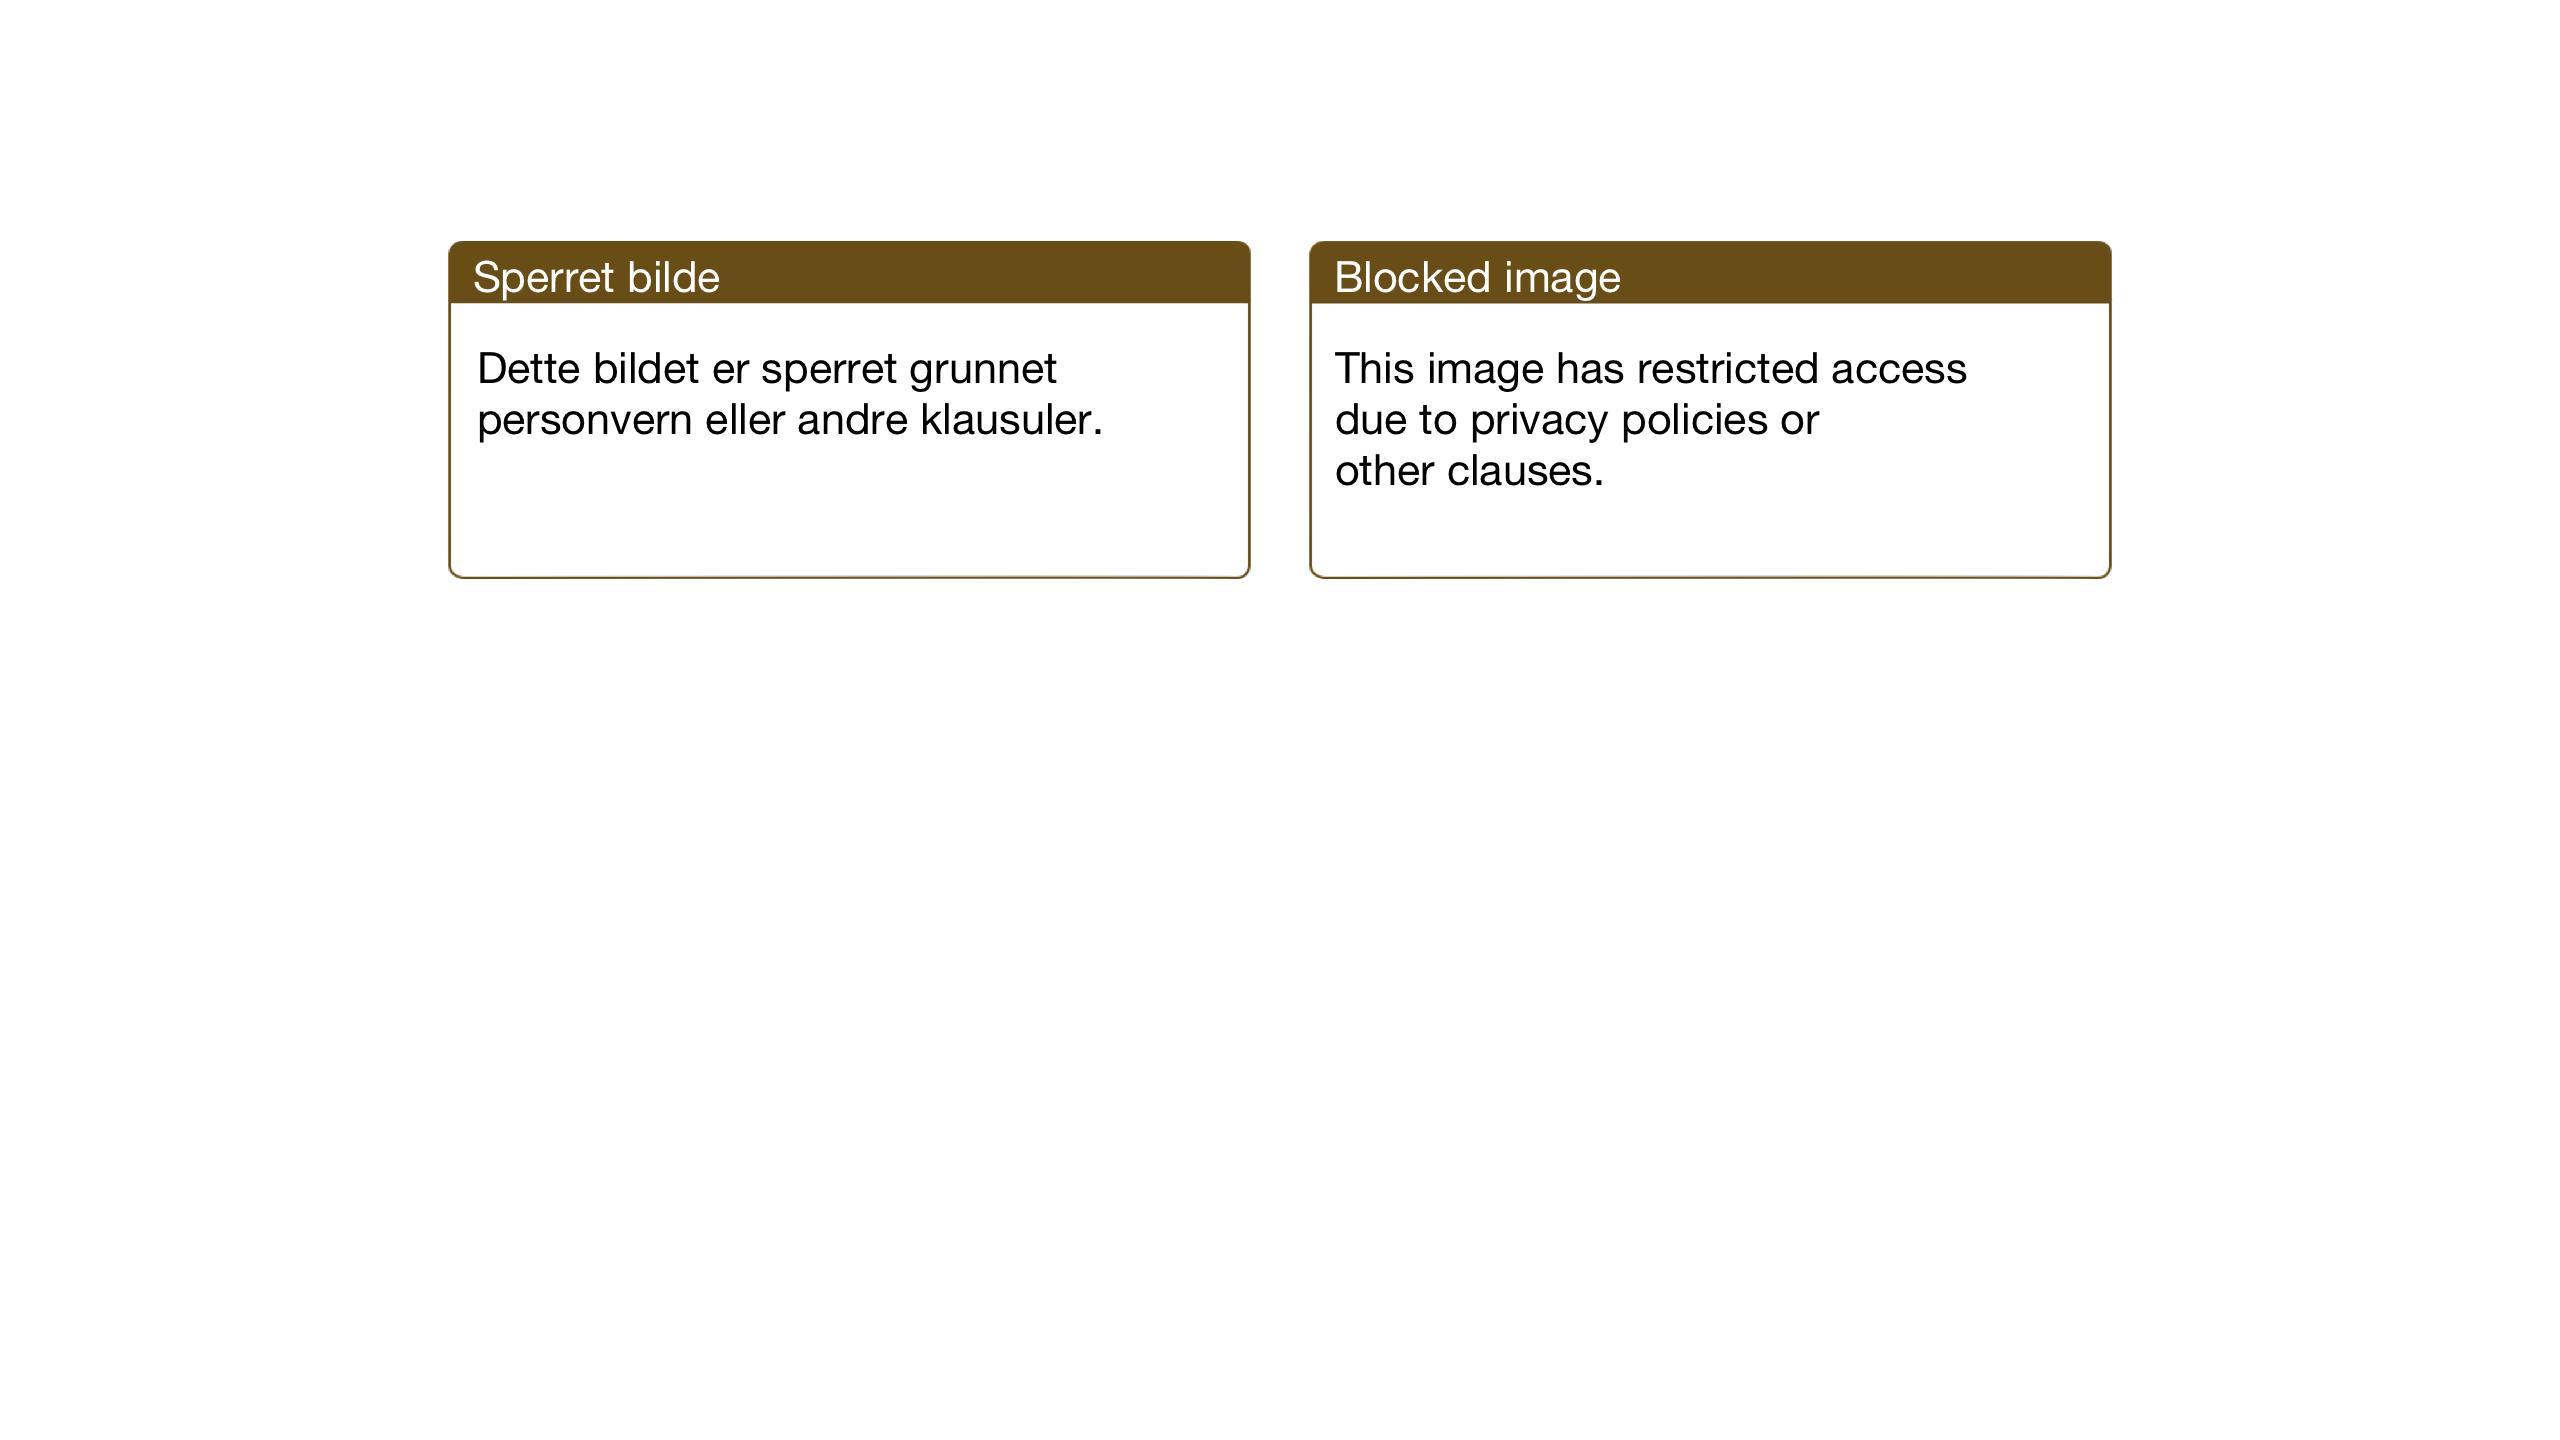 SAT, Ministerialprotokoller, klokkerbøker og fødselsregistre - Nord-Trøndelag, 768/L0583: Klokkerbok nr. 768C01, 1928-1953, s. 49